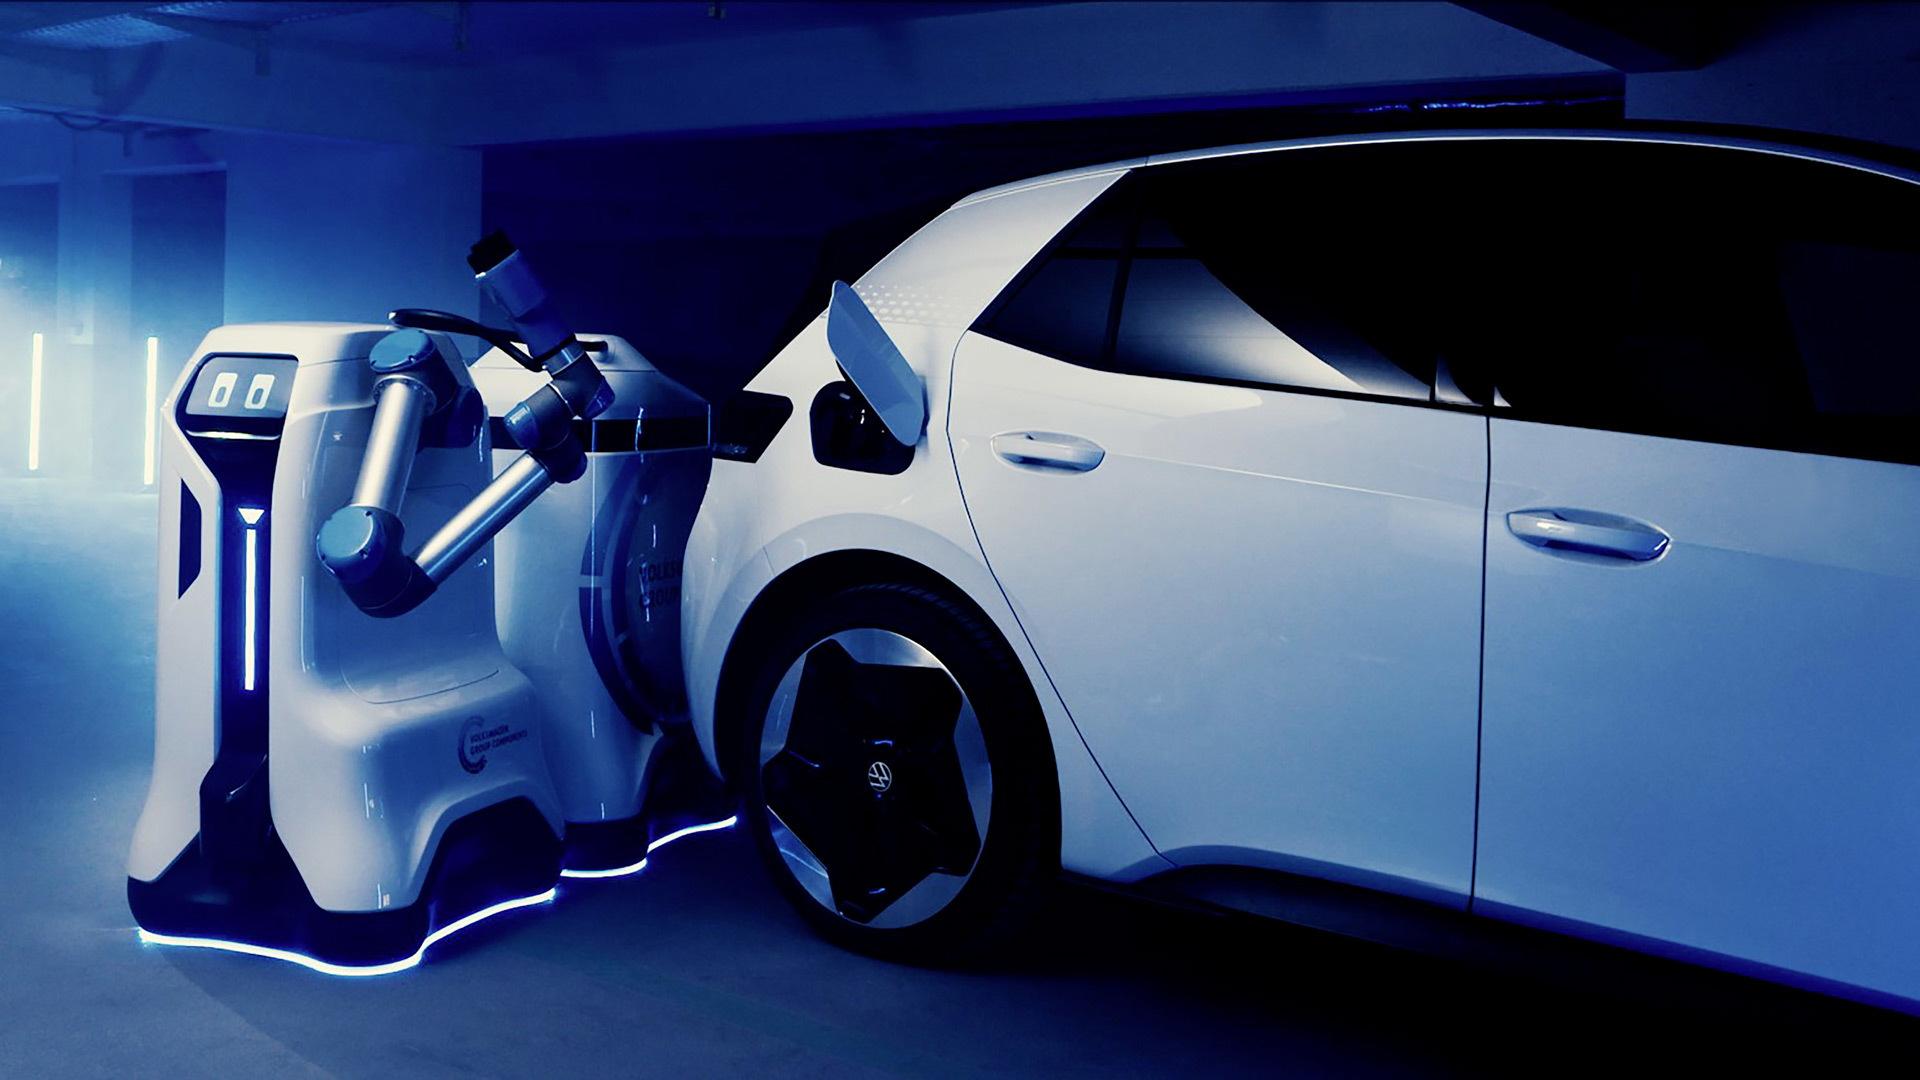 Volkswagen mobile robot charging prototype